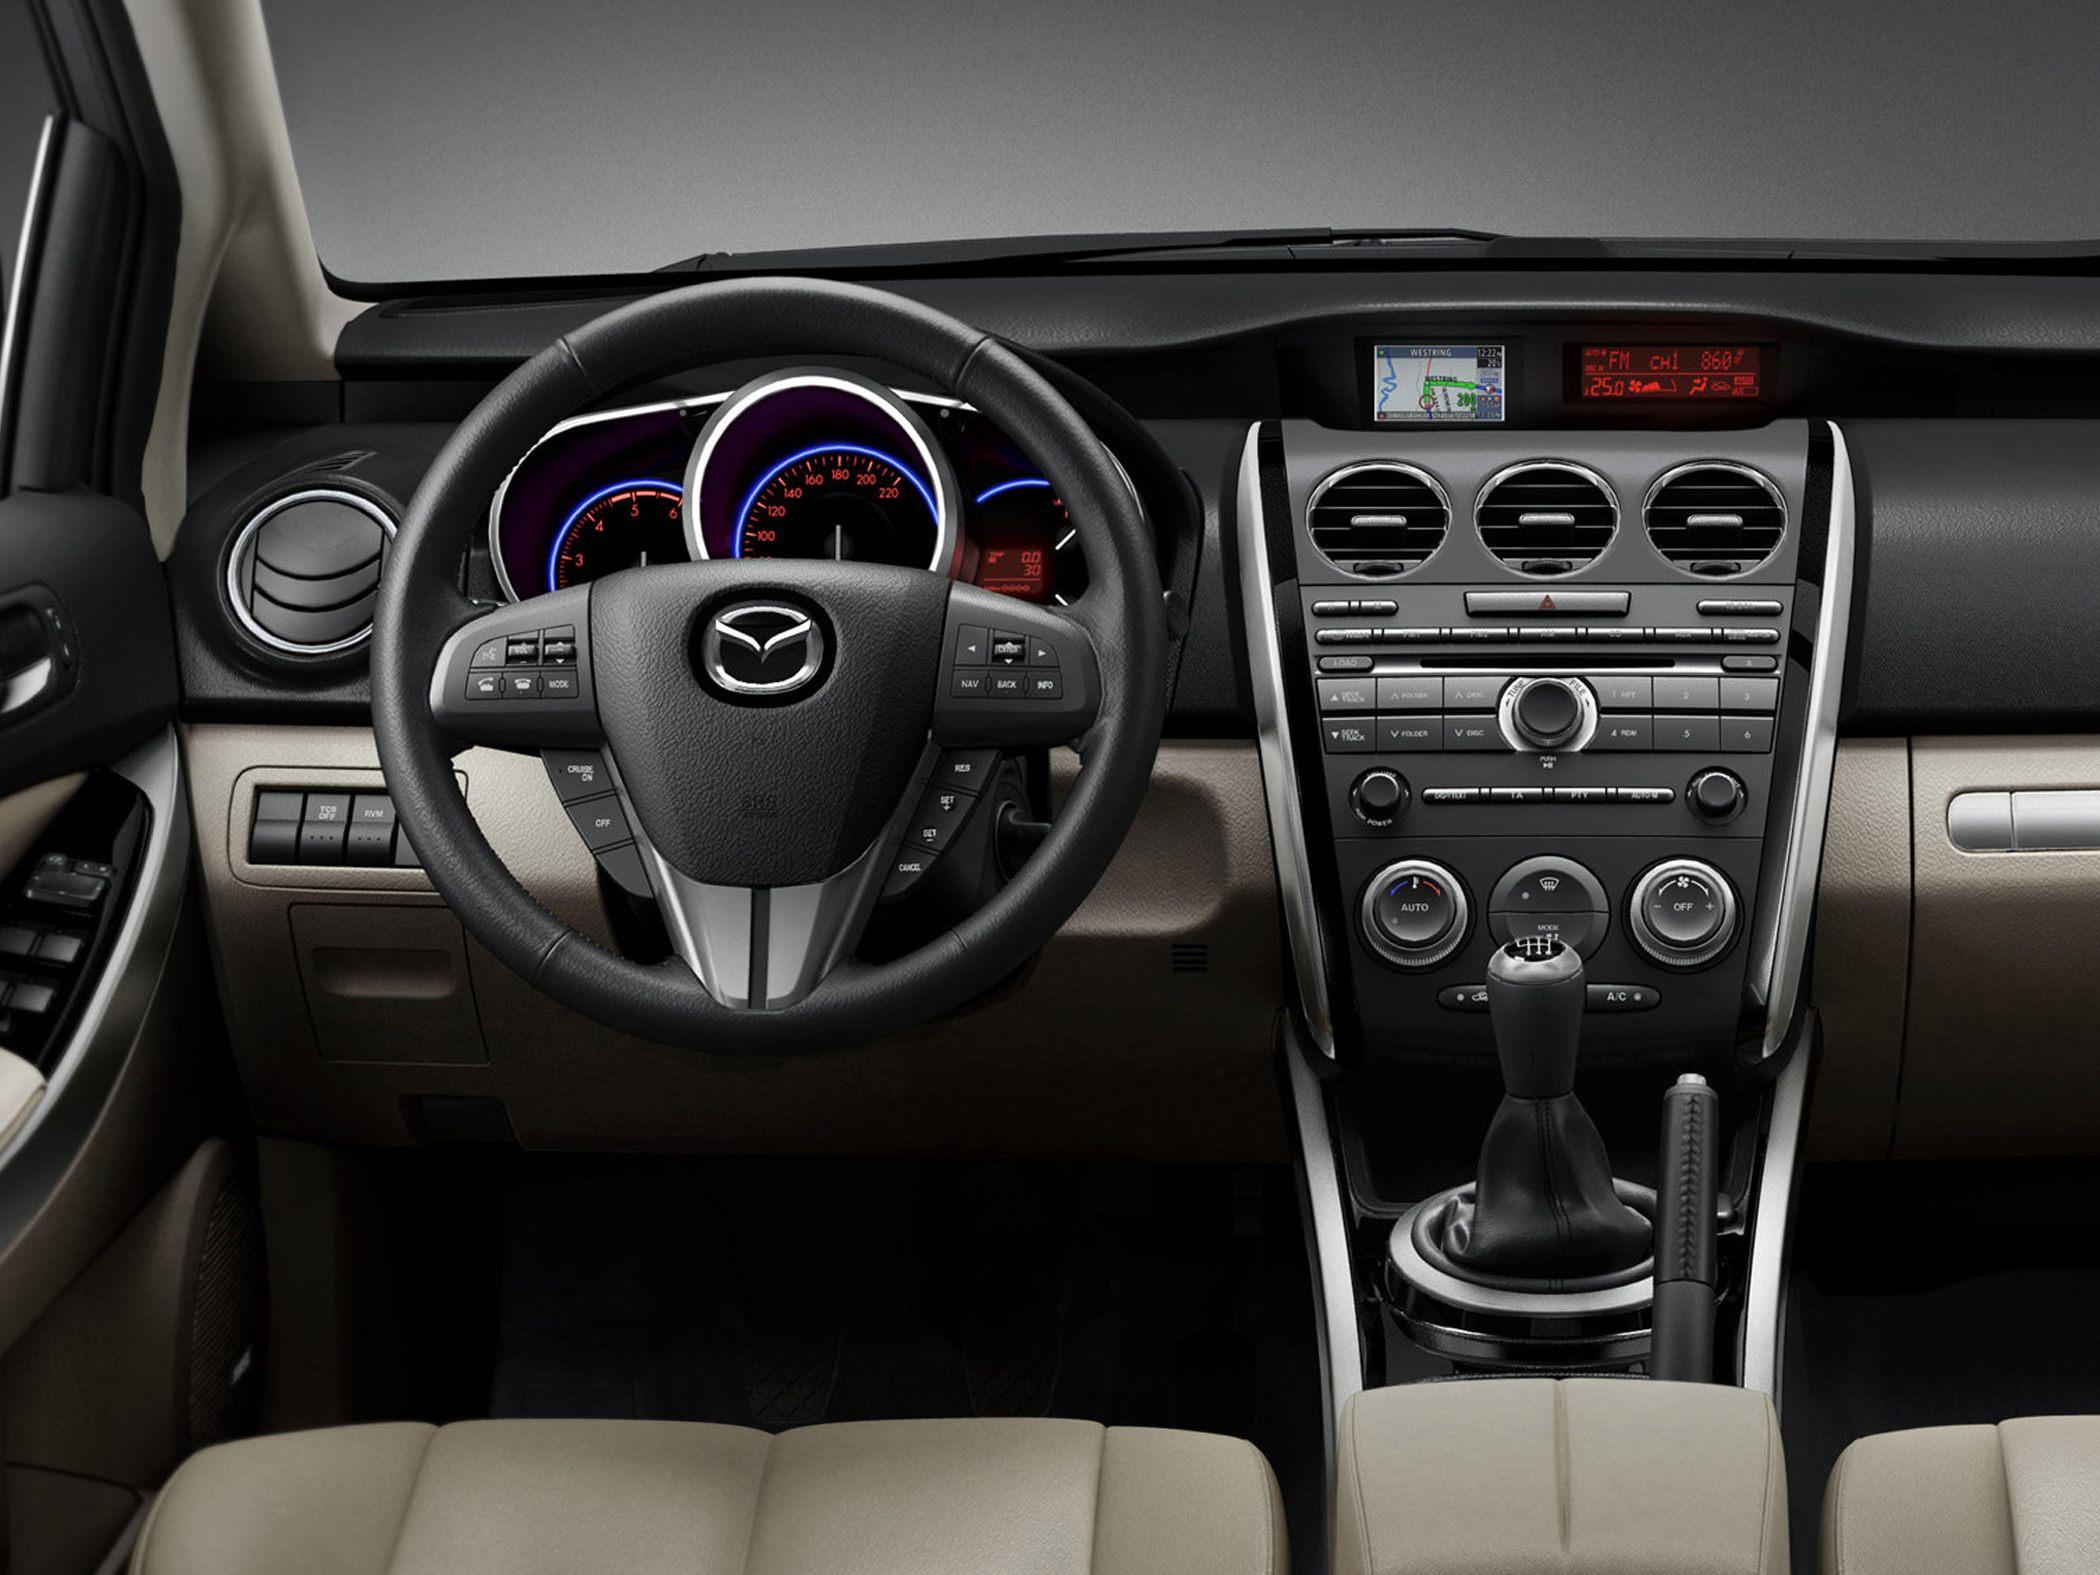 2011 Mazda Cx 7 Image 13